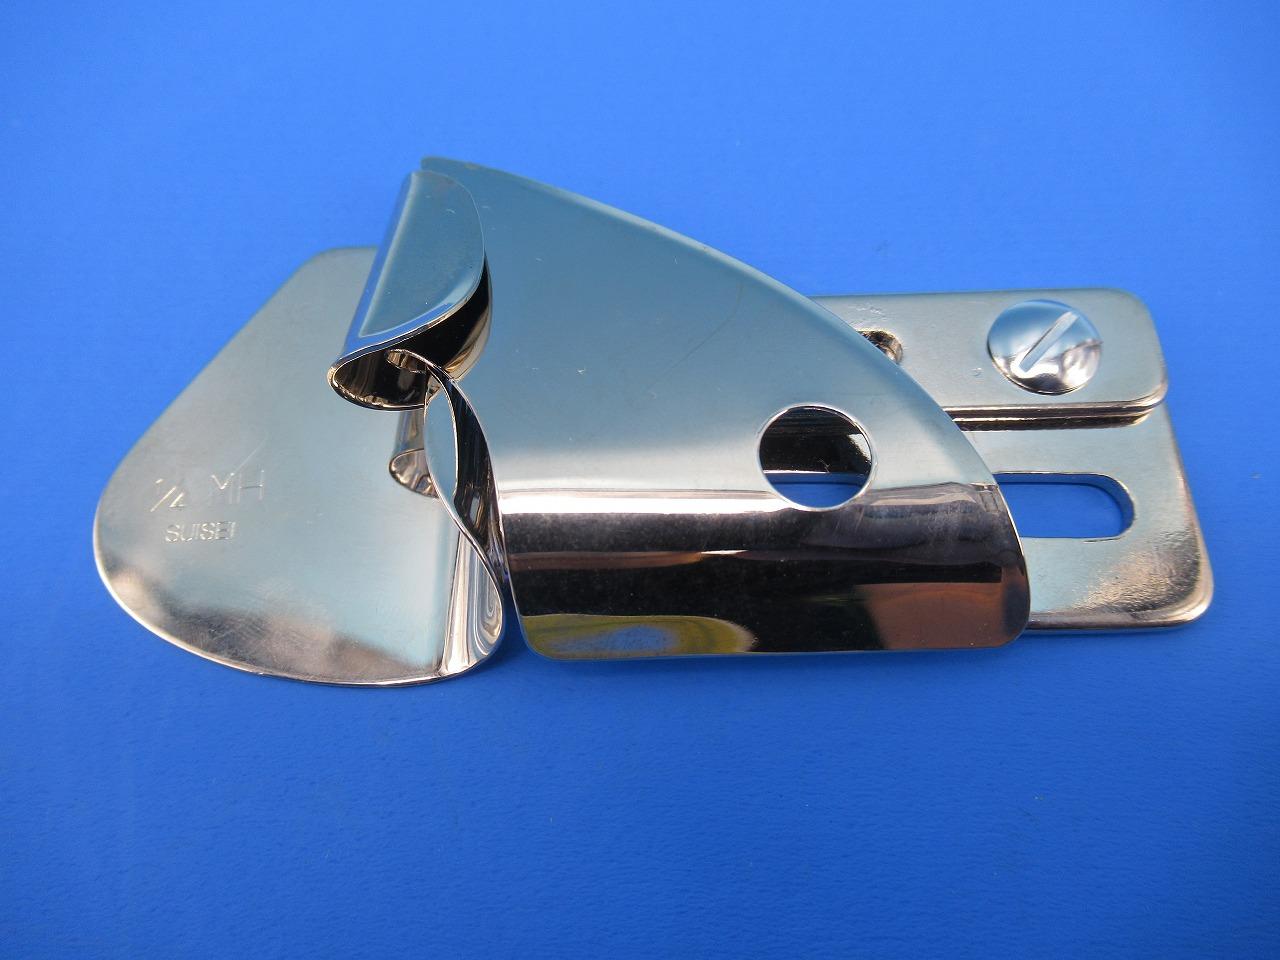 日本製スイセイ A34仕上がり幅6.4mm生地厚 中厚地 大注目 訳あり品送料無料 2 253型 3本針2重環縫いミシン用 147